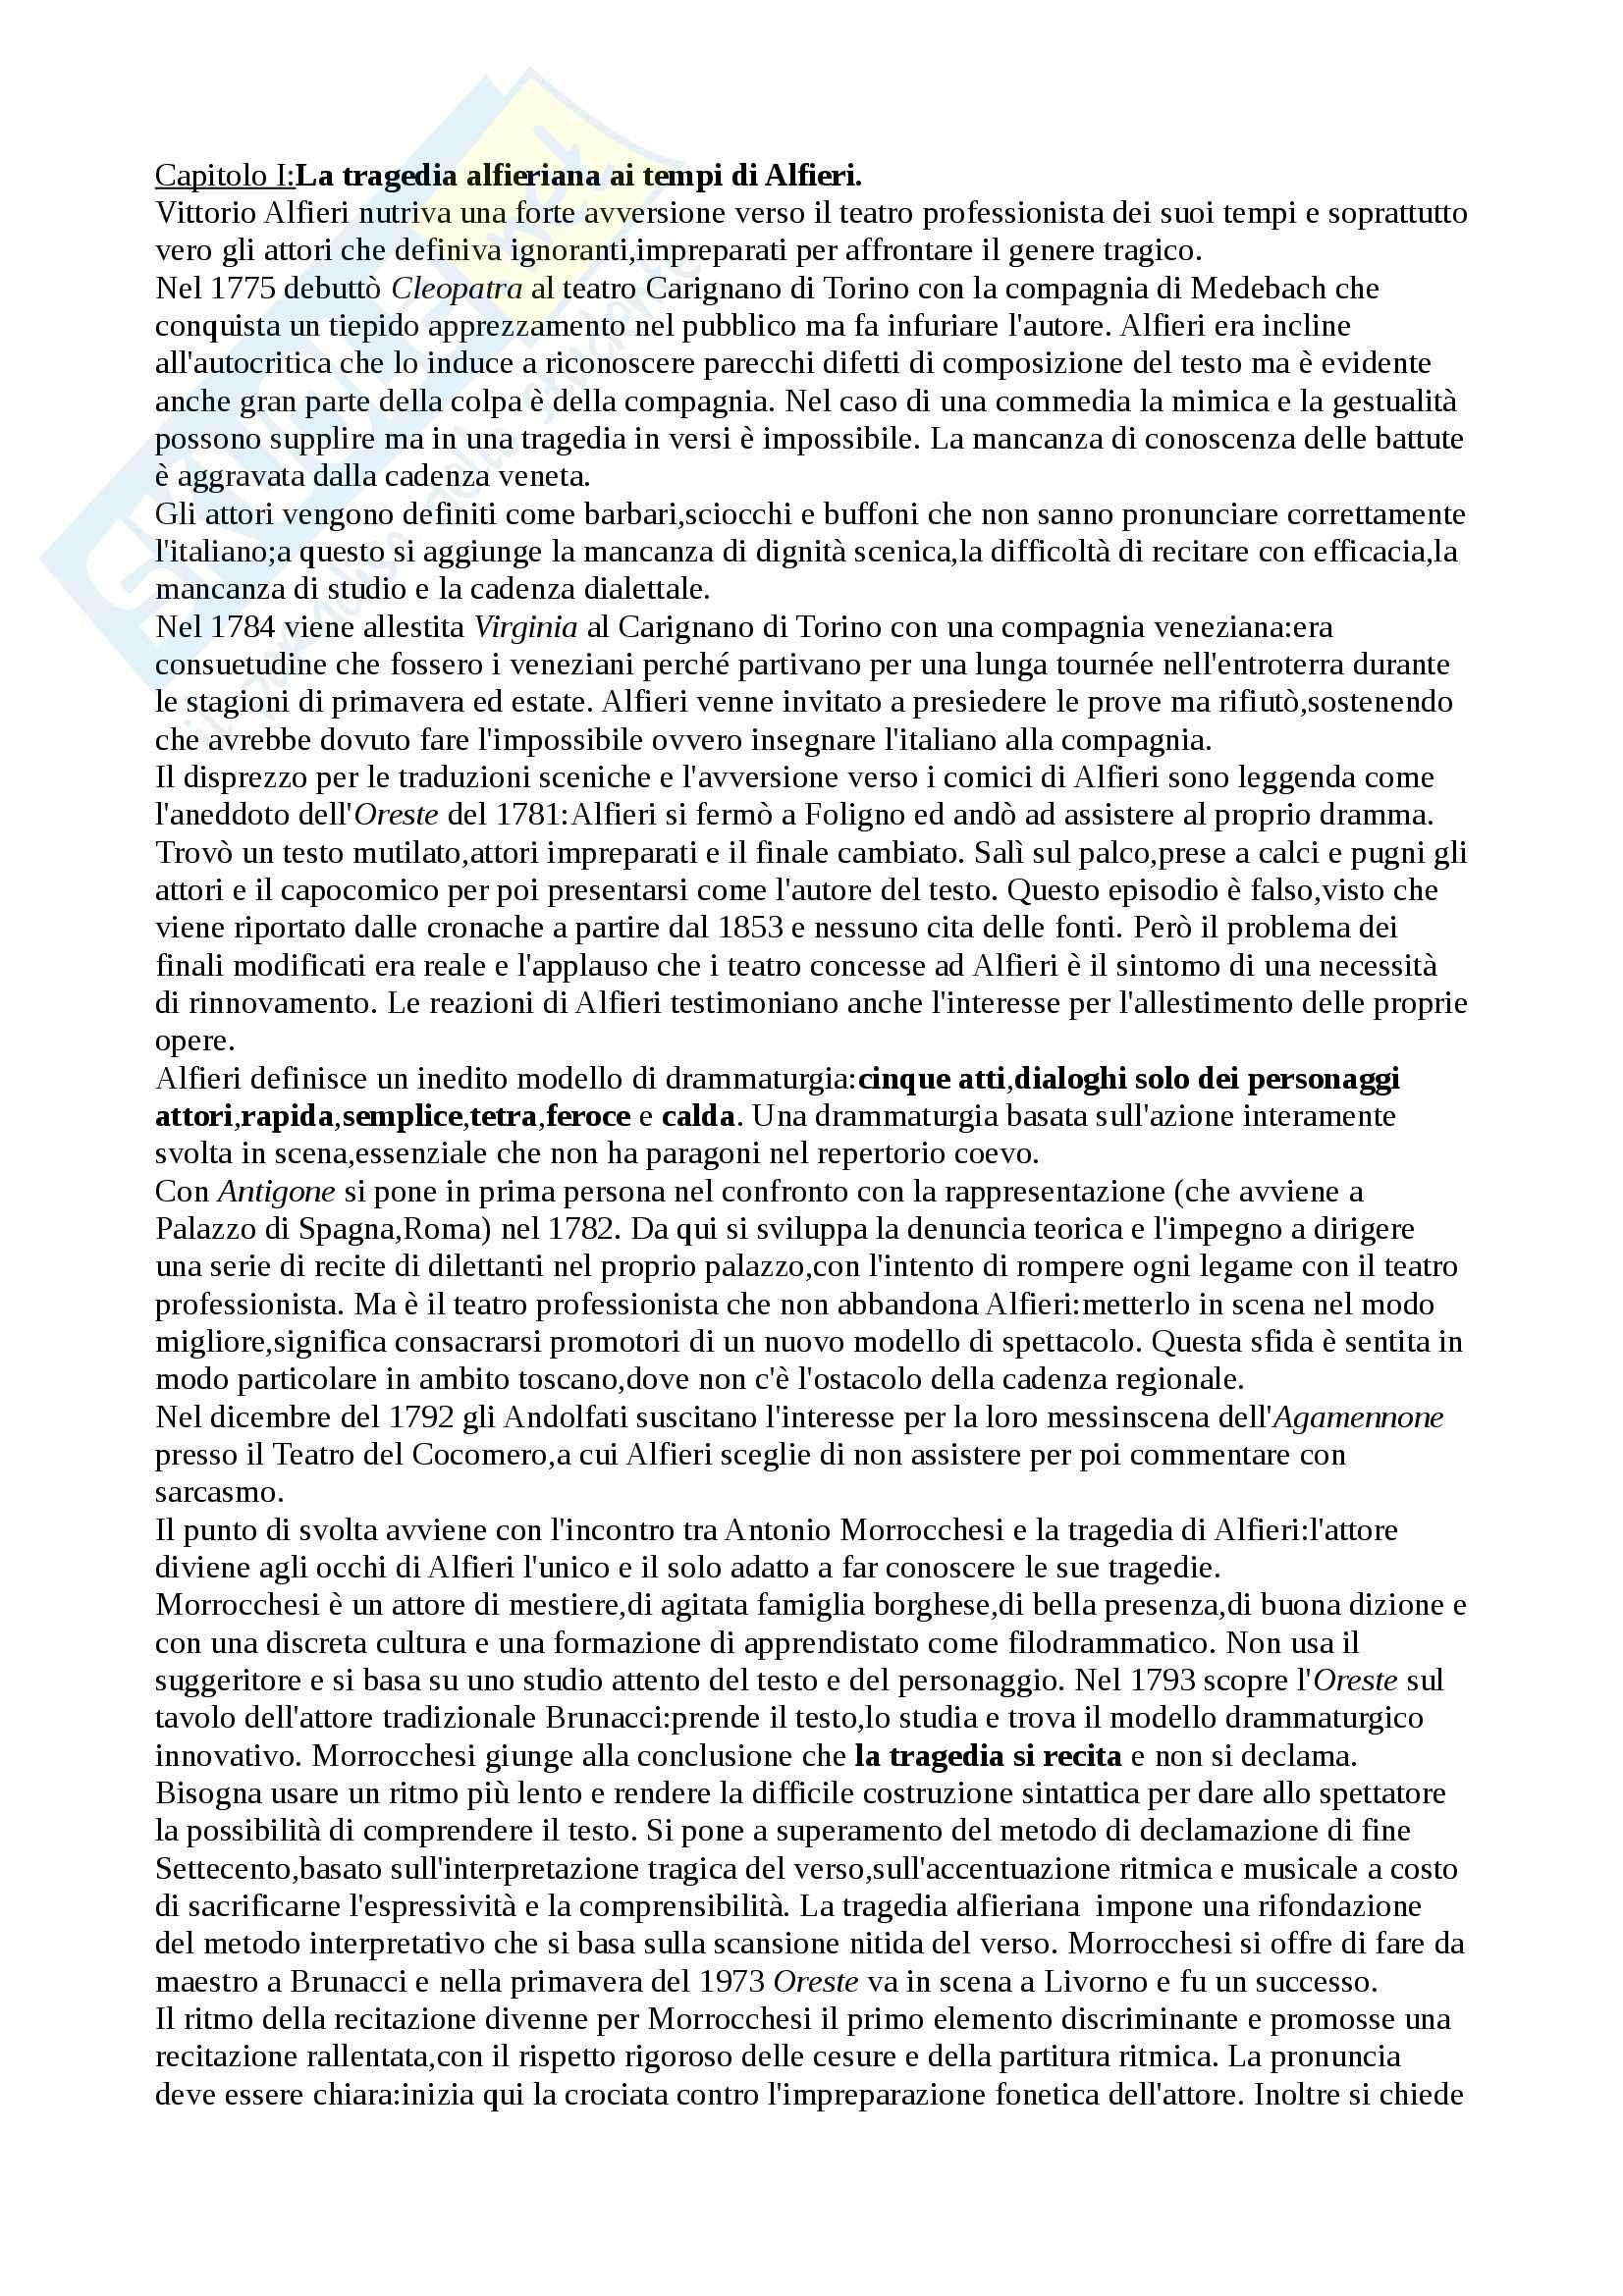 Riassunto esame Storia del teatro, prof. Cambiaghi, libro consigliato Rapida...semplice...tetra e feroce